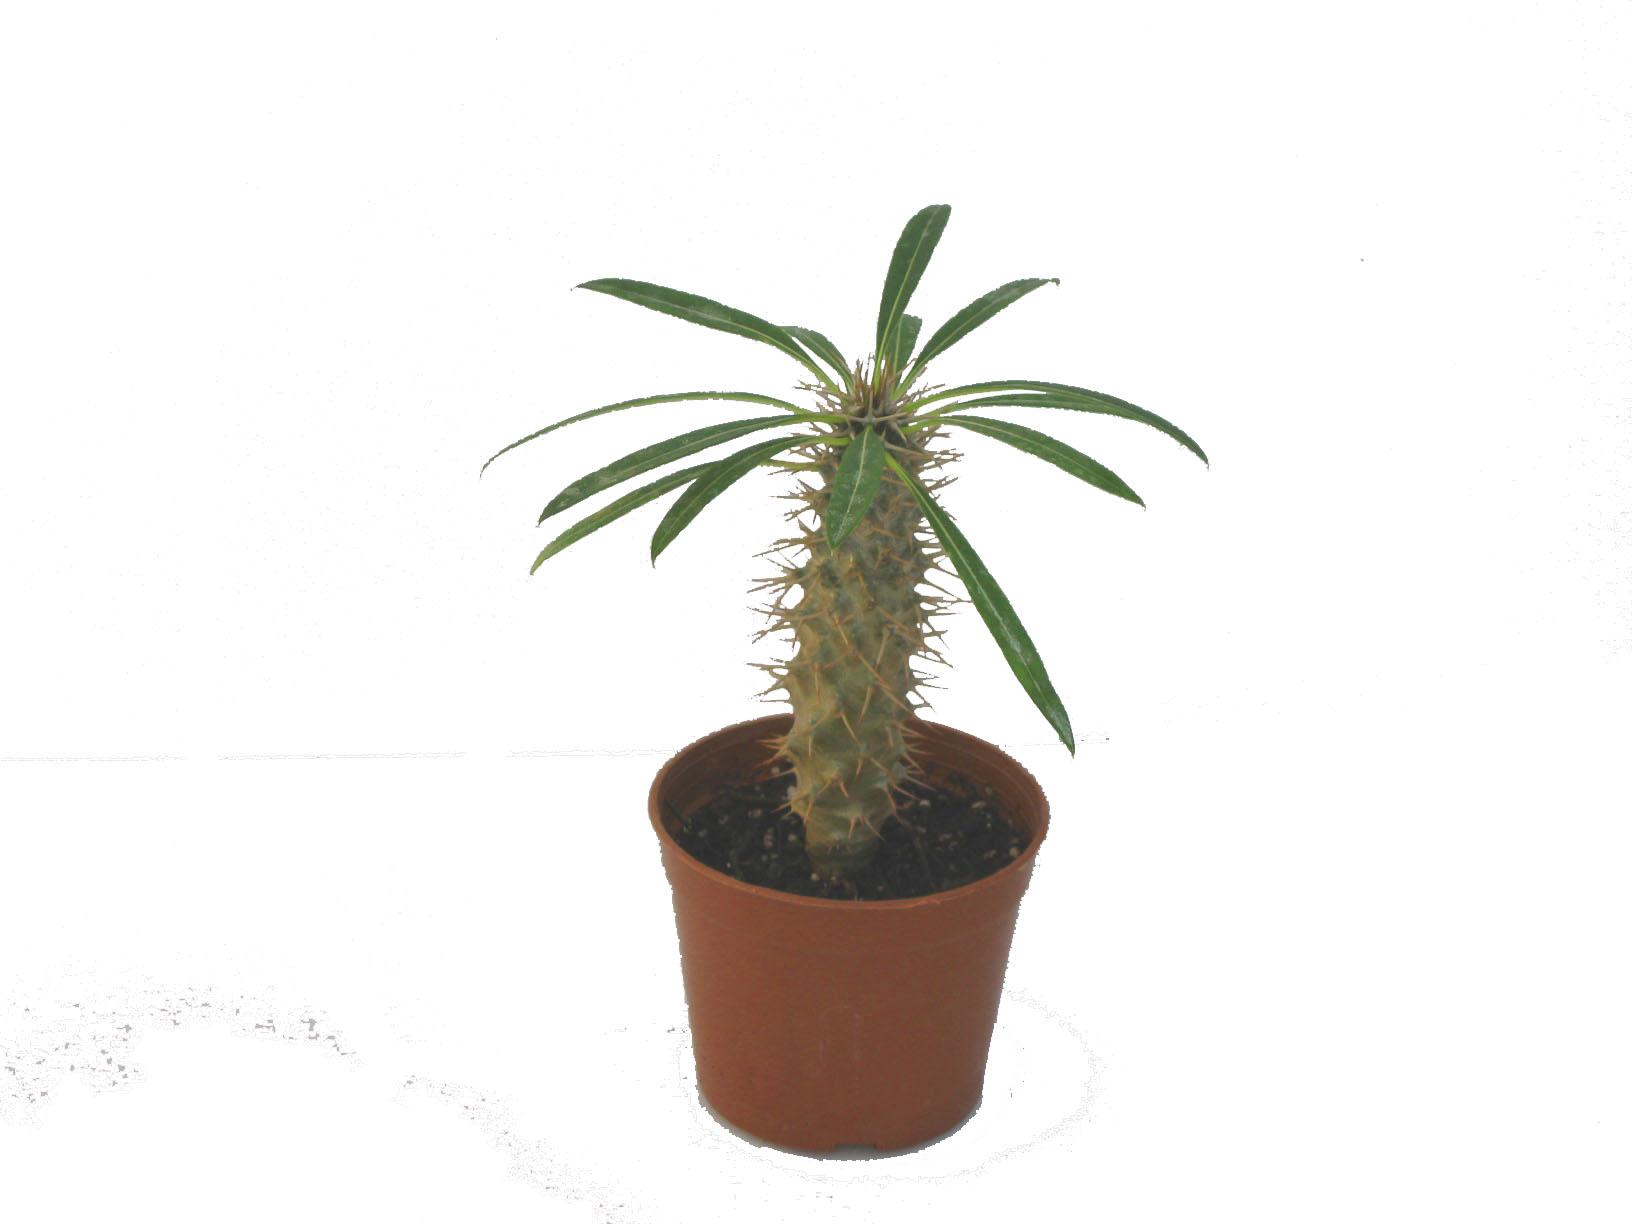 小盆栽 日本 花博园 迷你盆栽 室内观叶植物 栽培基质标准 种苗 园艺资